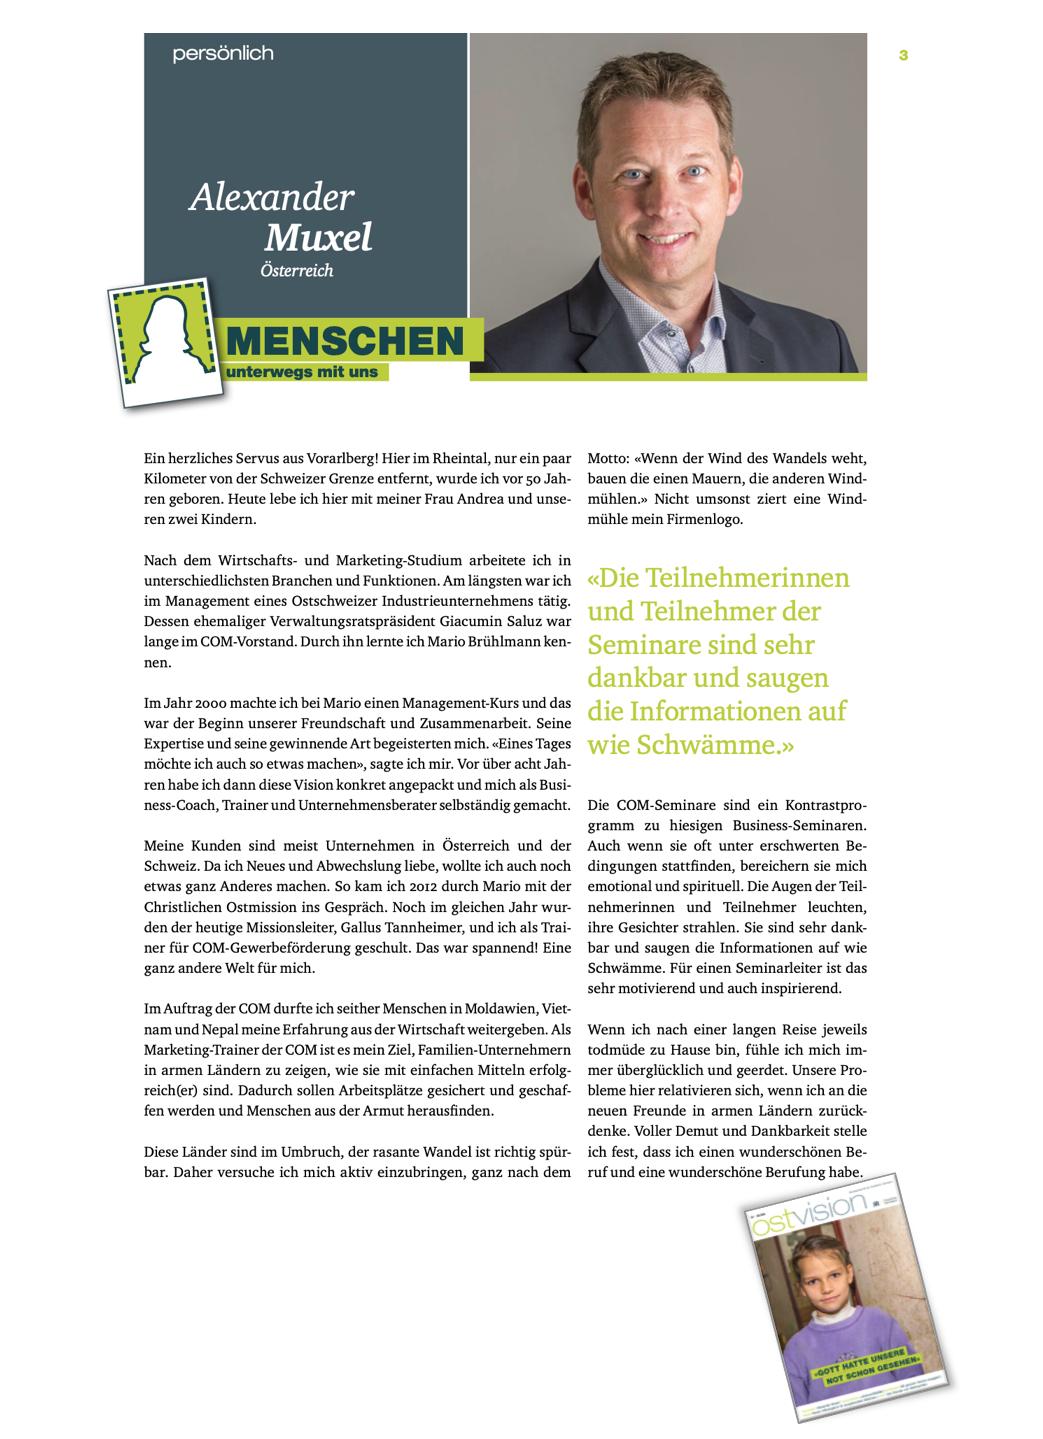 Ostvision COM Christliche Ostmission Alexander Muxel Dezember 2019 Trainer Marketing Nonprofit Gewerbefoerderung Hilfe zur Selbsthilfe